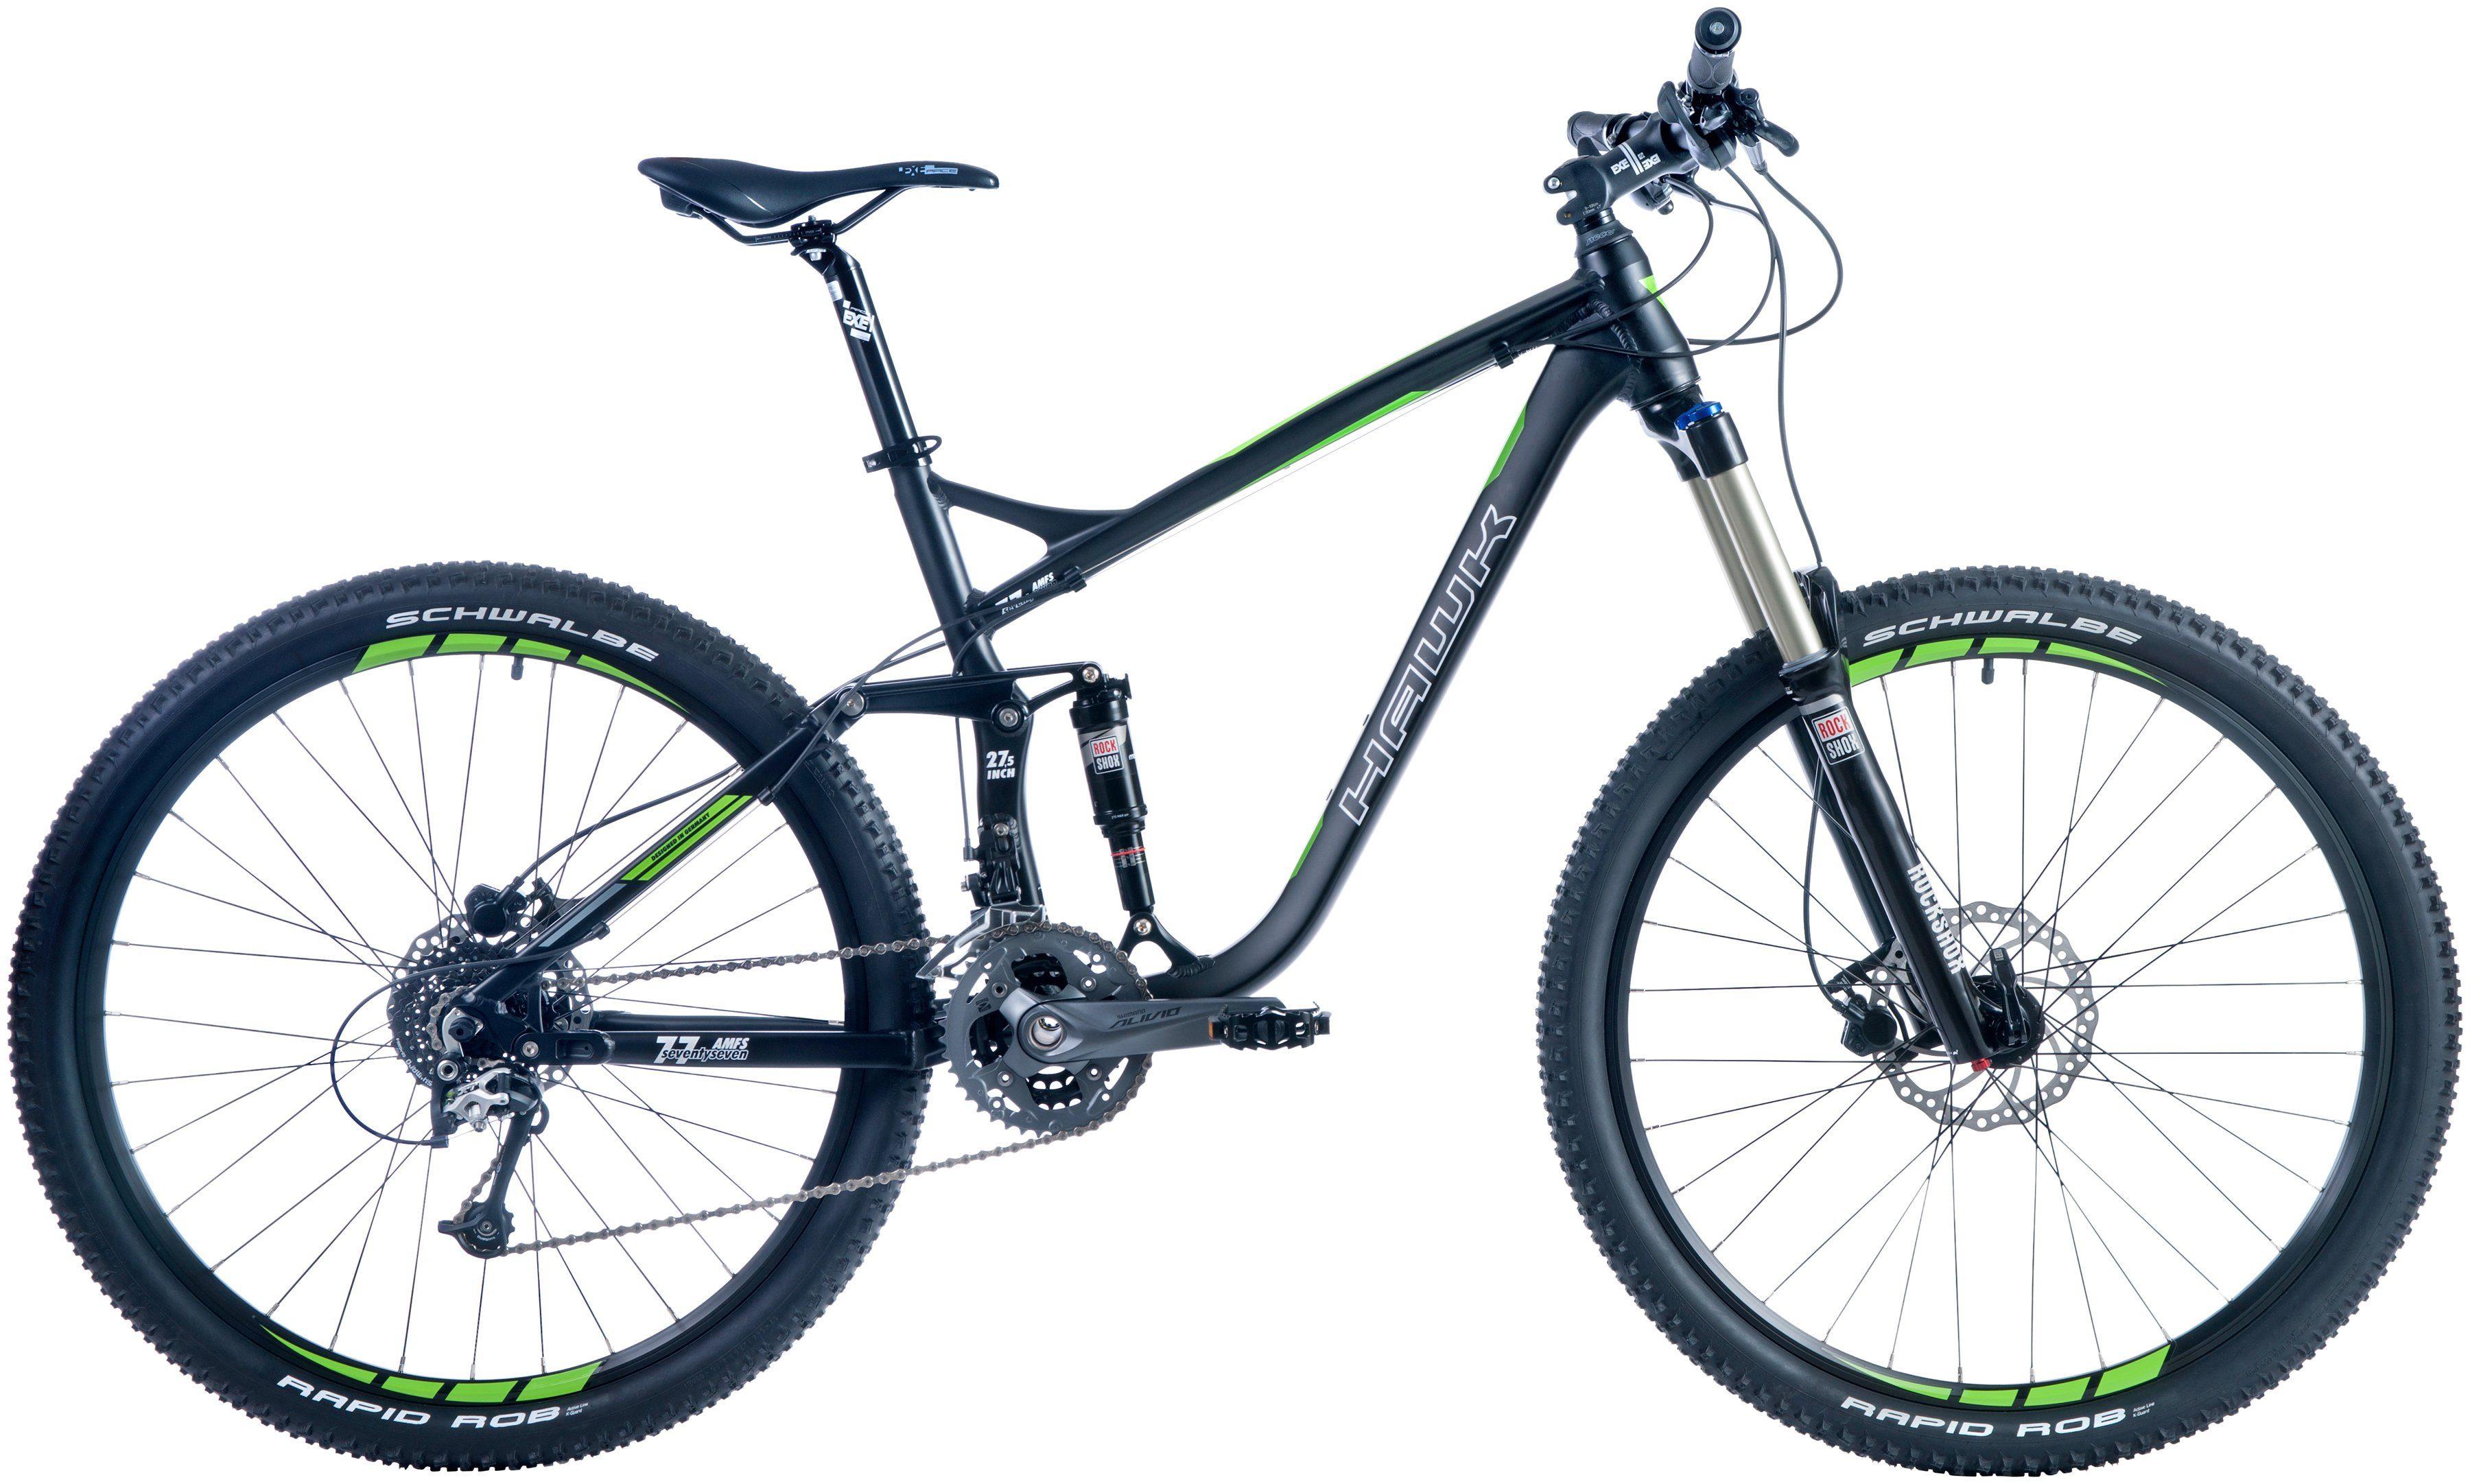 Hawk Mountainbike »Seventyseven «, RH 50, 27,5 Zoll, 27 Gang, Hydraulische Scheibenbremsen